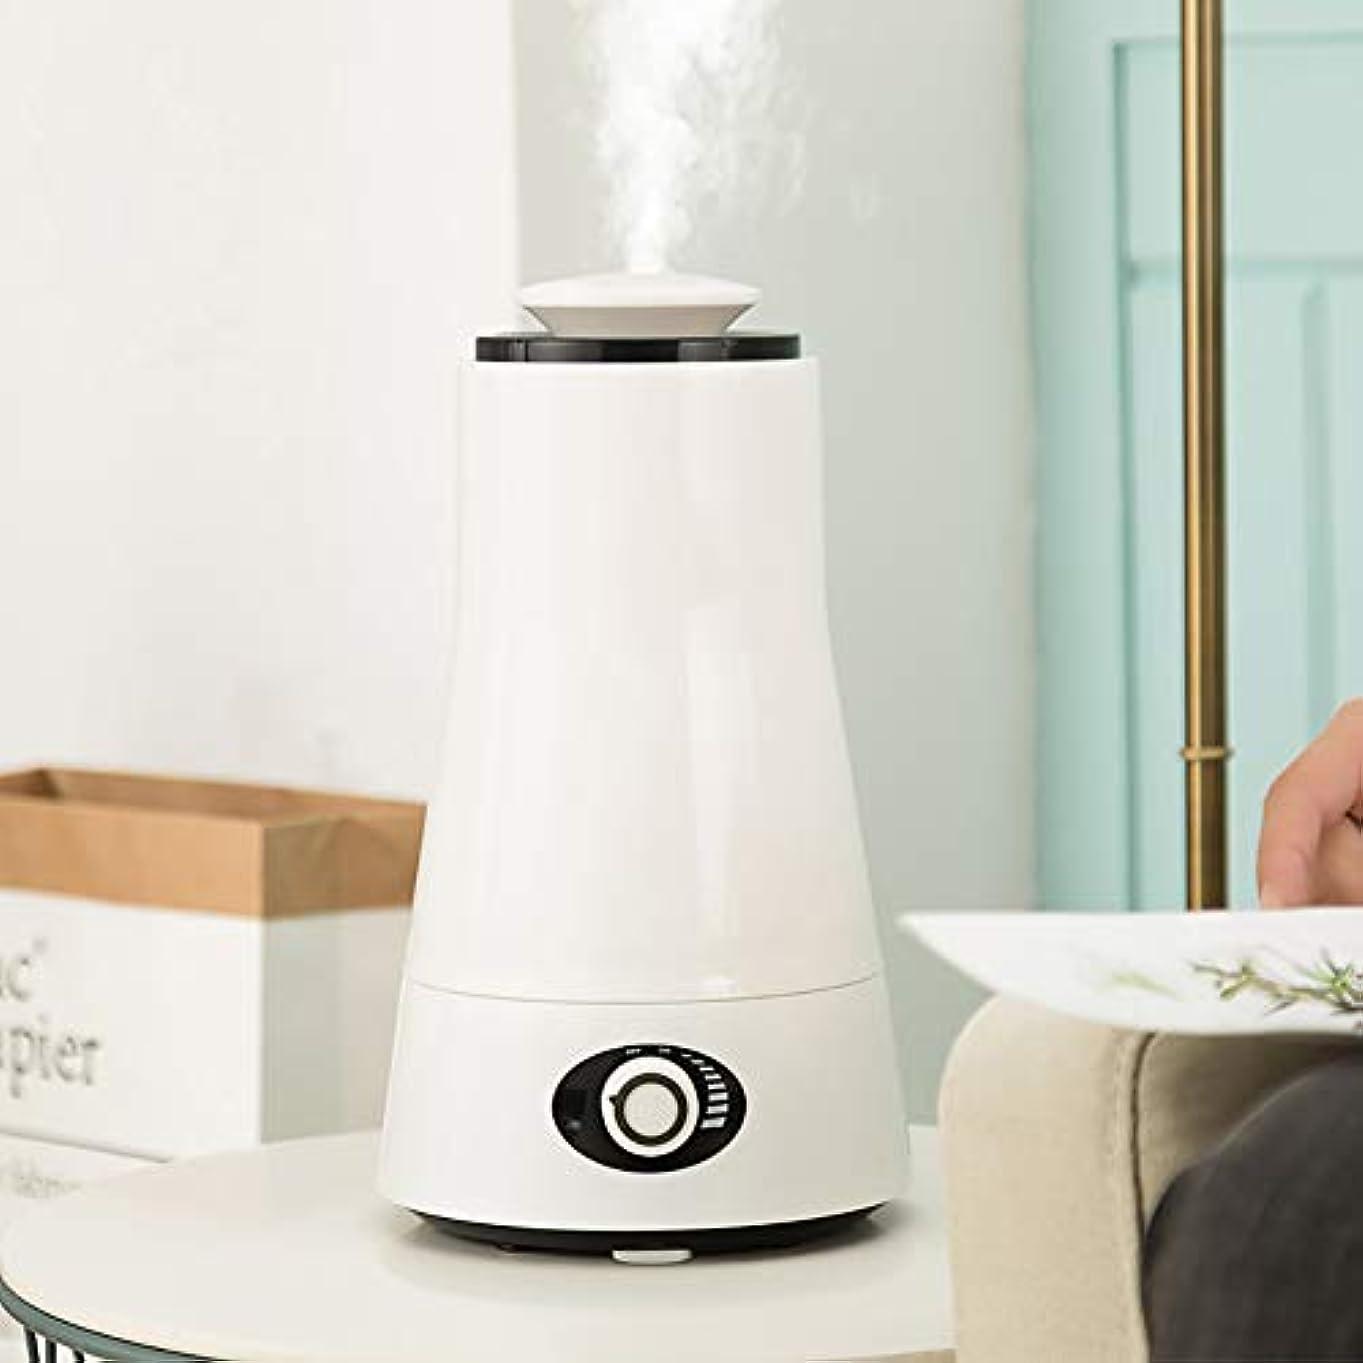 途方もないコンペフライカイト超音波 アロマディフューザー 、ホームオフィスの寝室2.5l用空気加湿器クールミスト加湿器